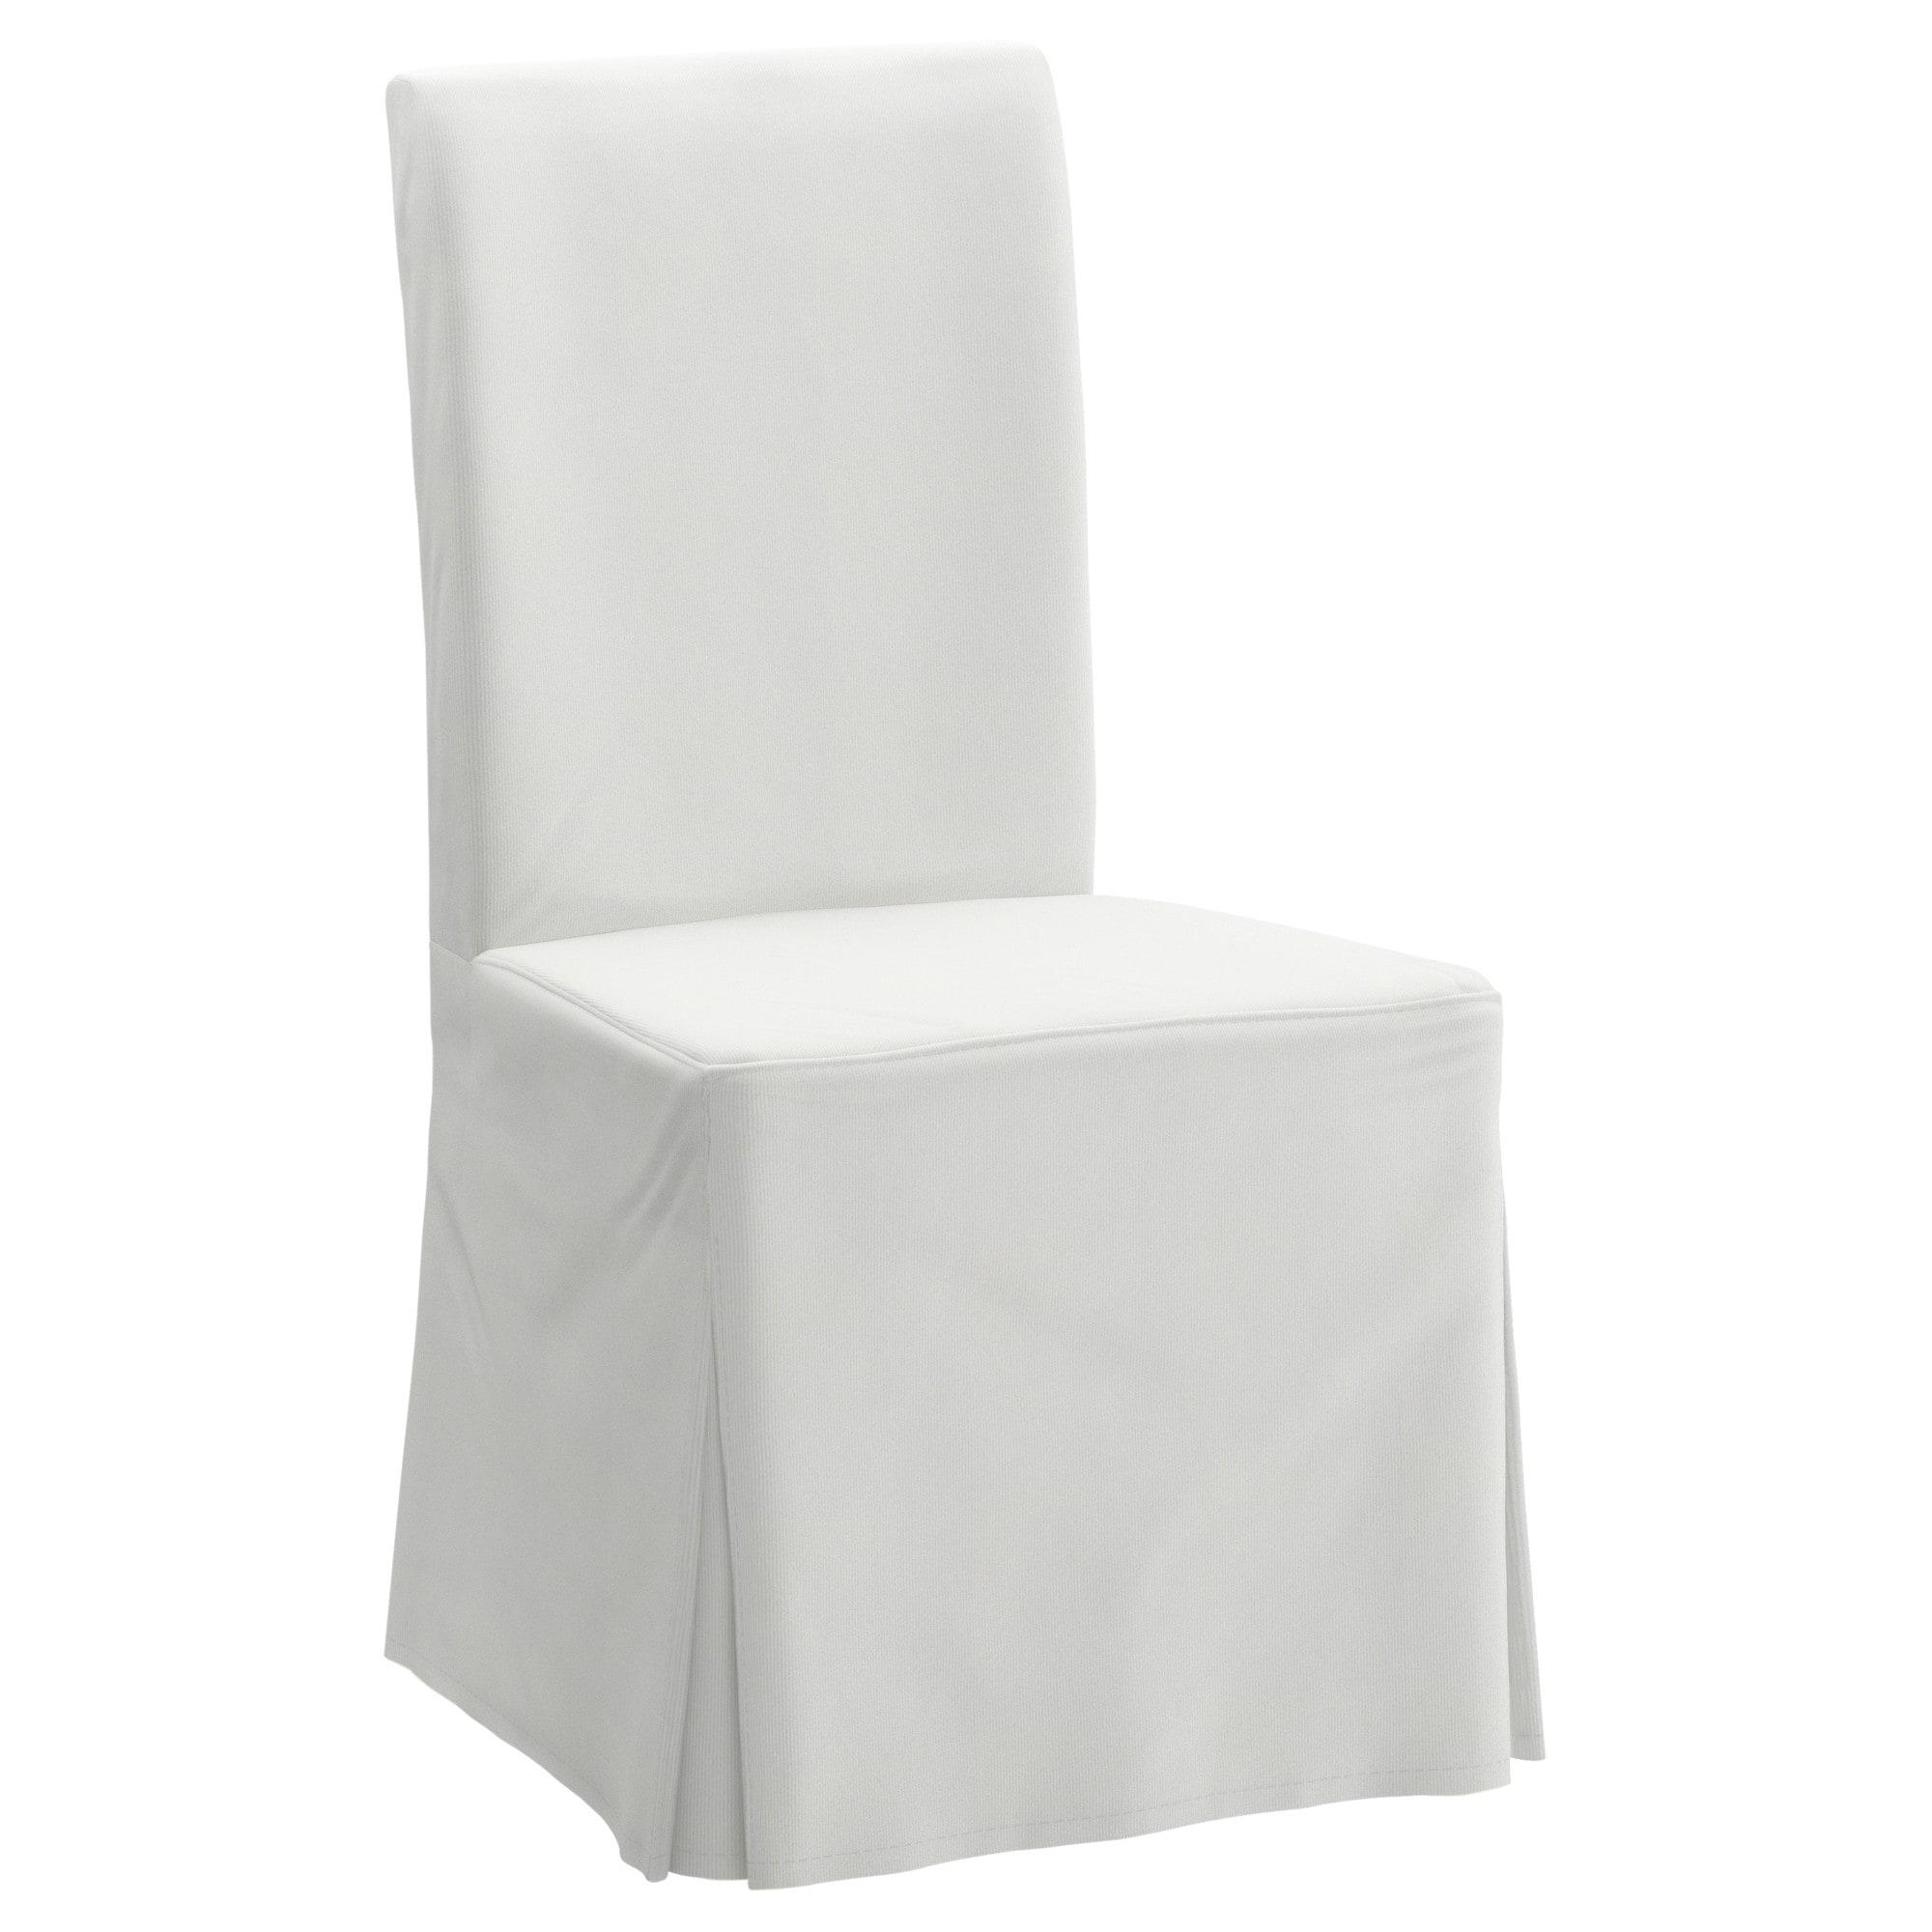 Funda Para Silla Rldj Henriksdal Funda Larga Para Silla Blekinge Blanco Ikea